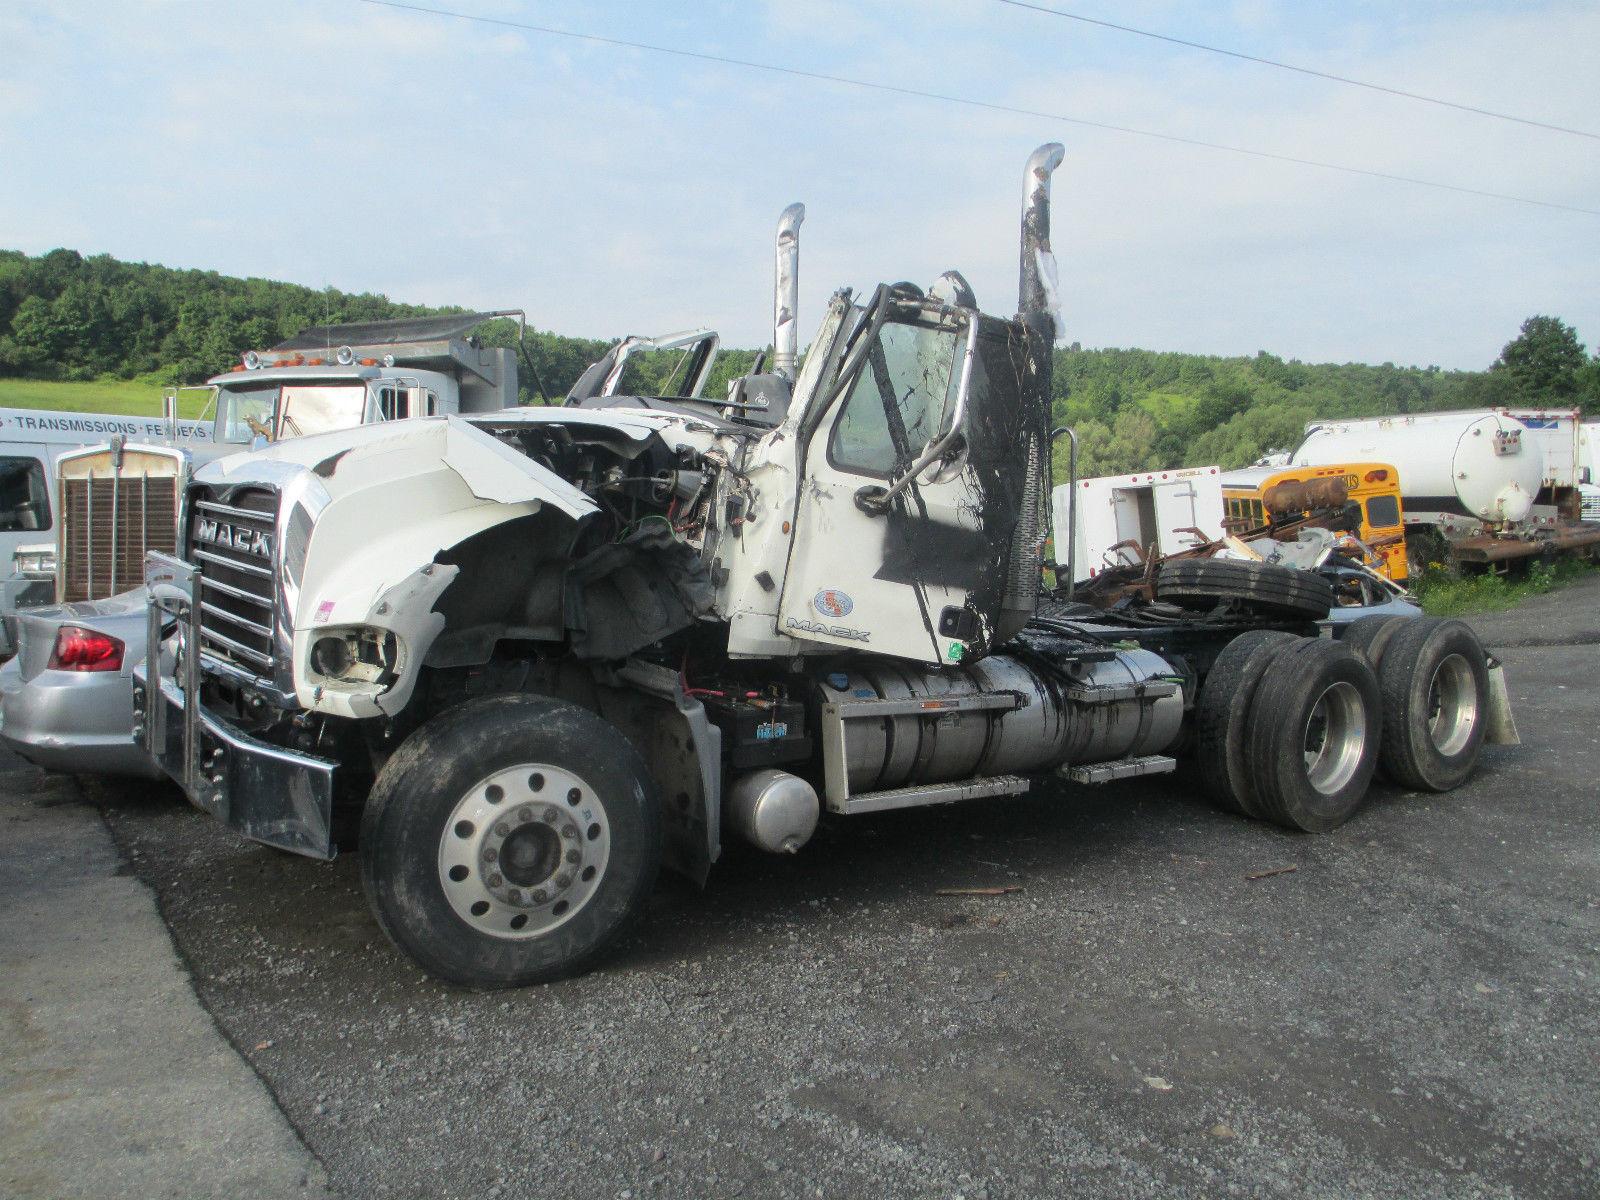 BangShift.com Mack Truck